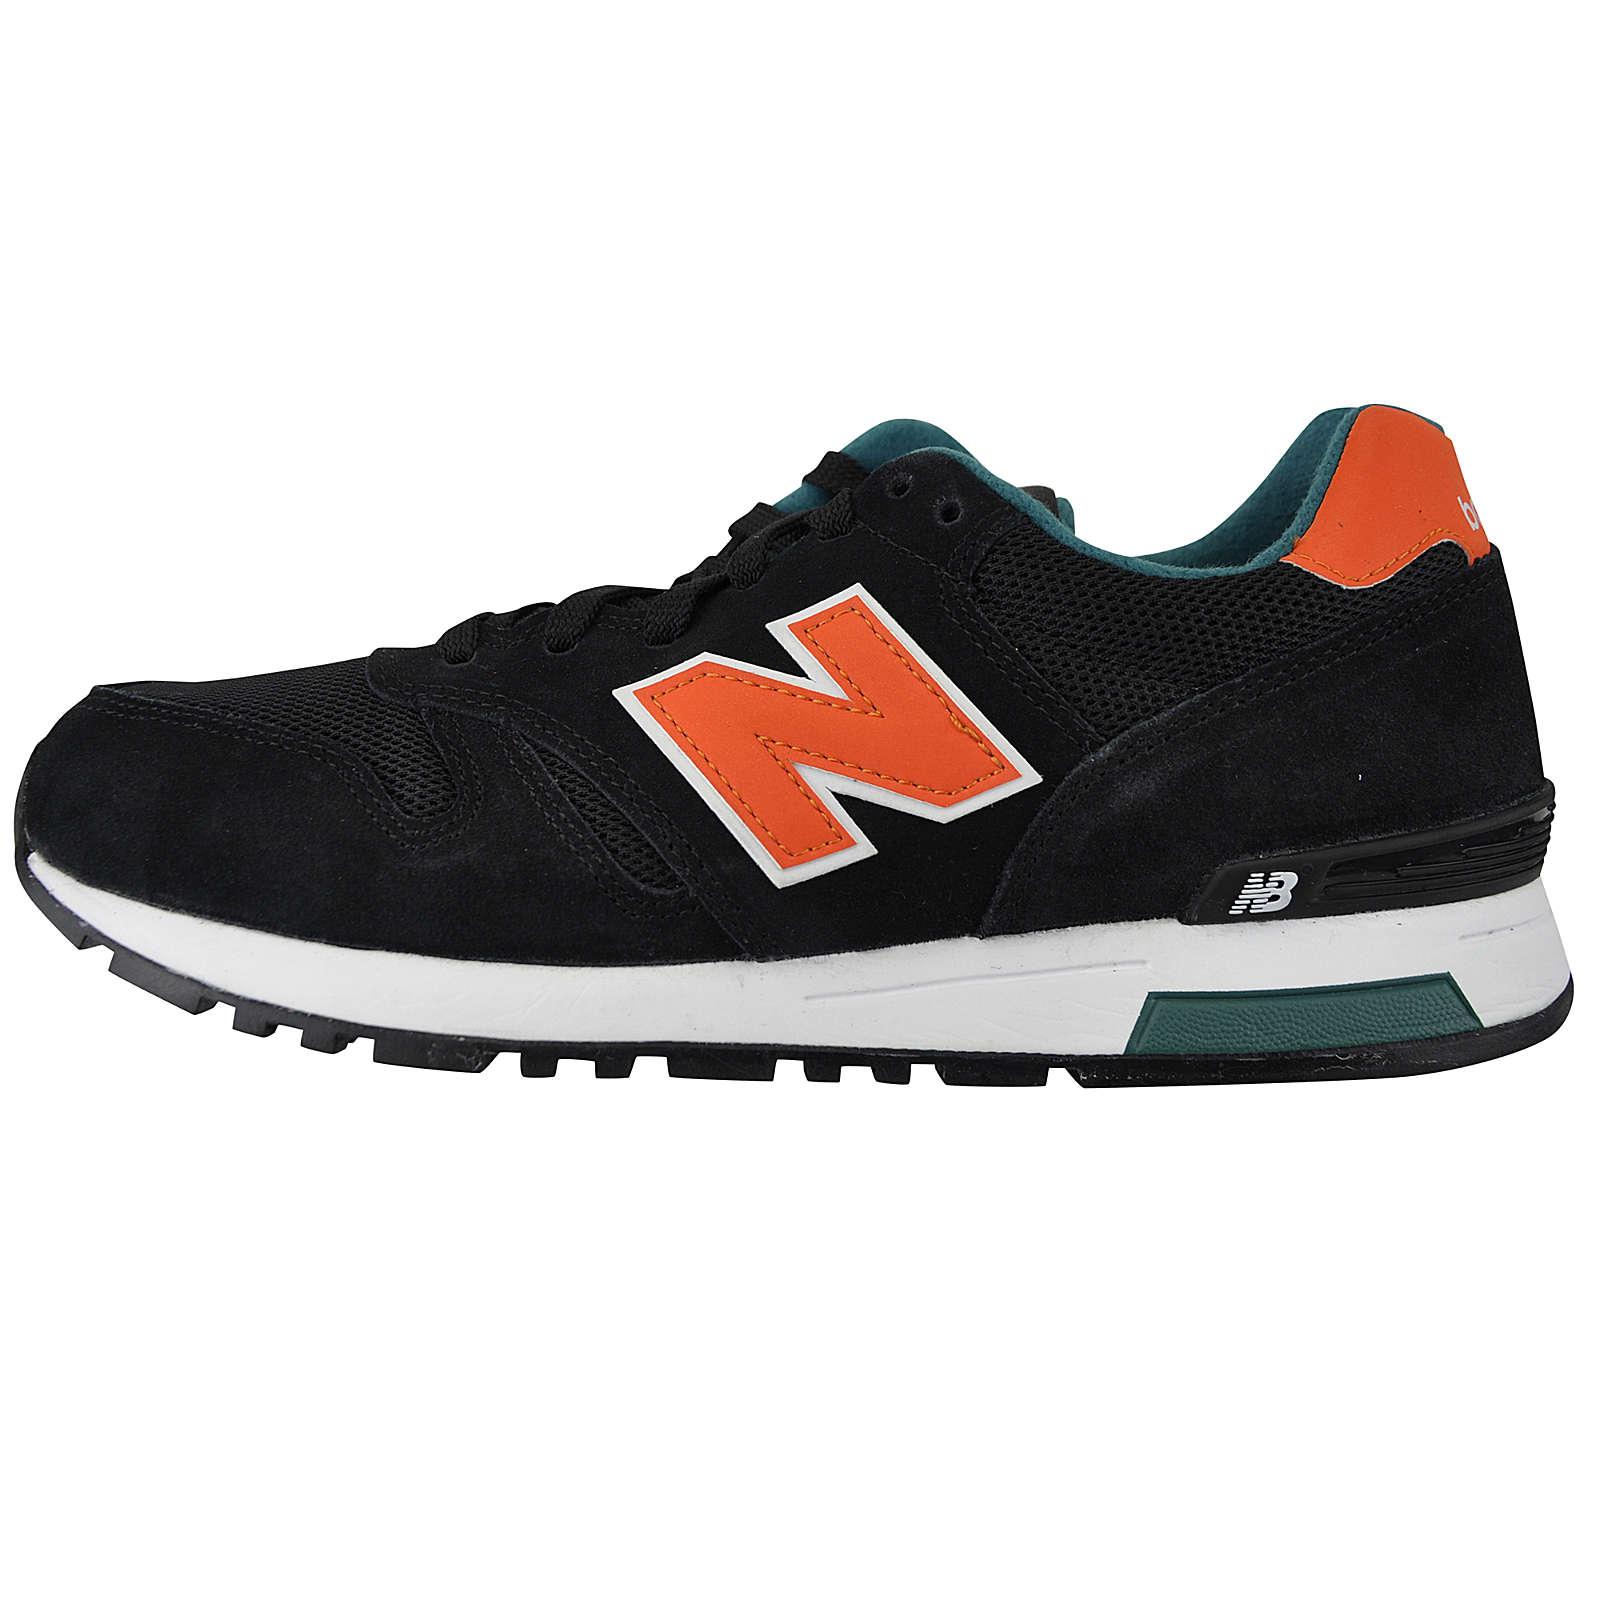 New Balance ML565SBO Sneakers Low orange/schwarz Herren Gr. 40